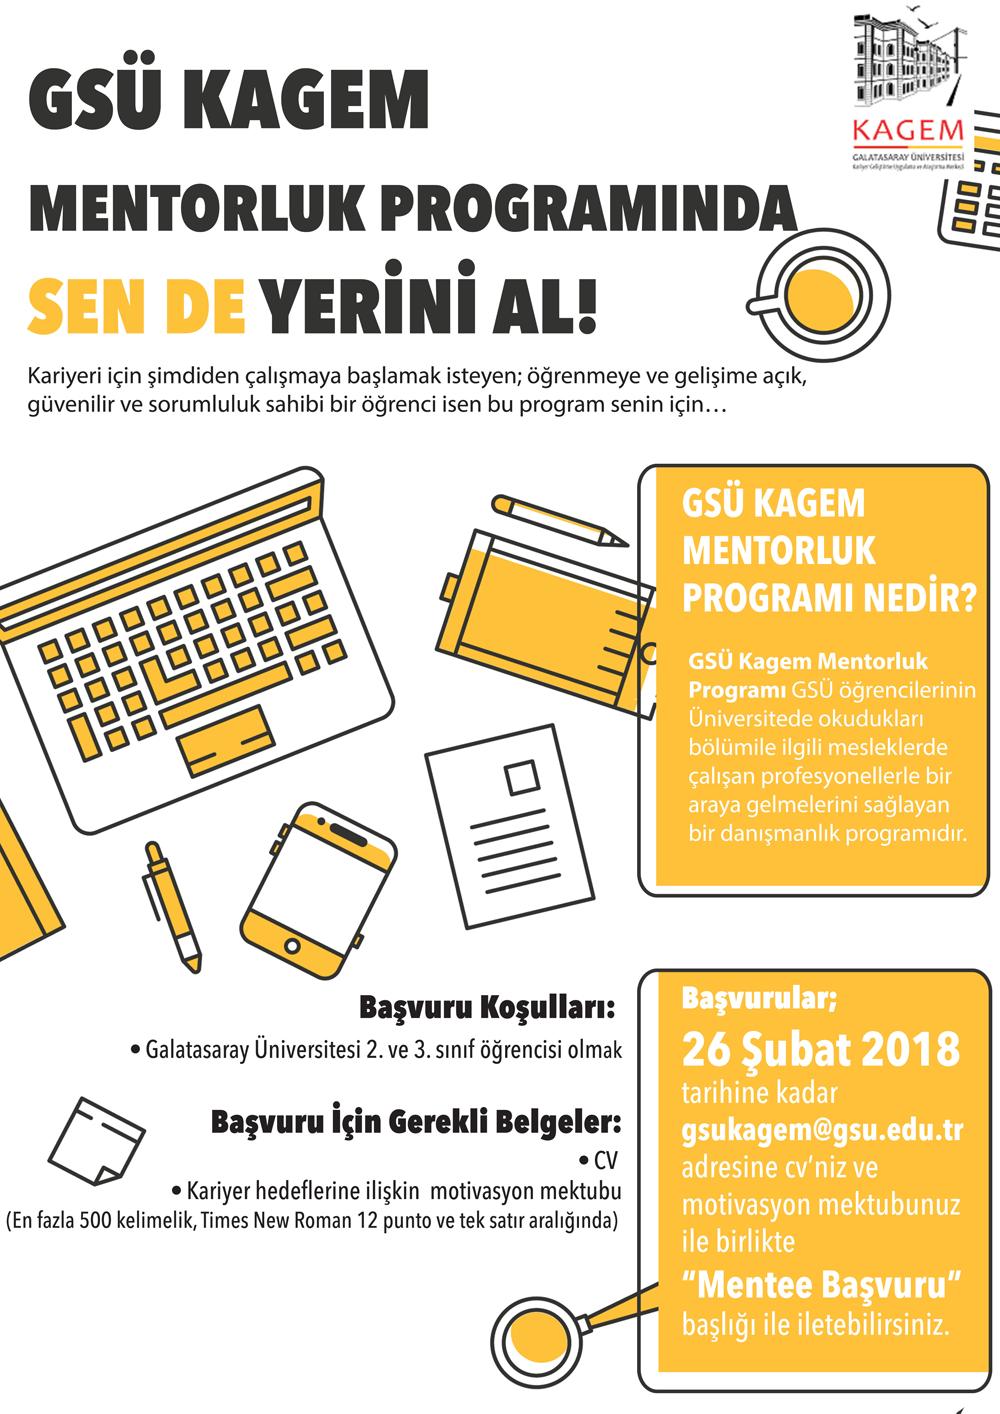 KAGEM-mentorluk-web-1-duyuru